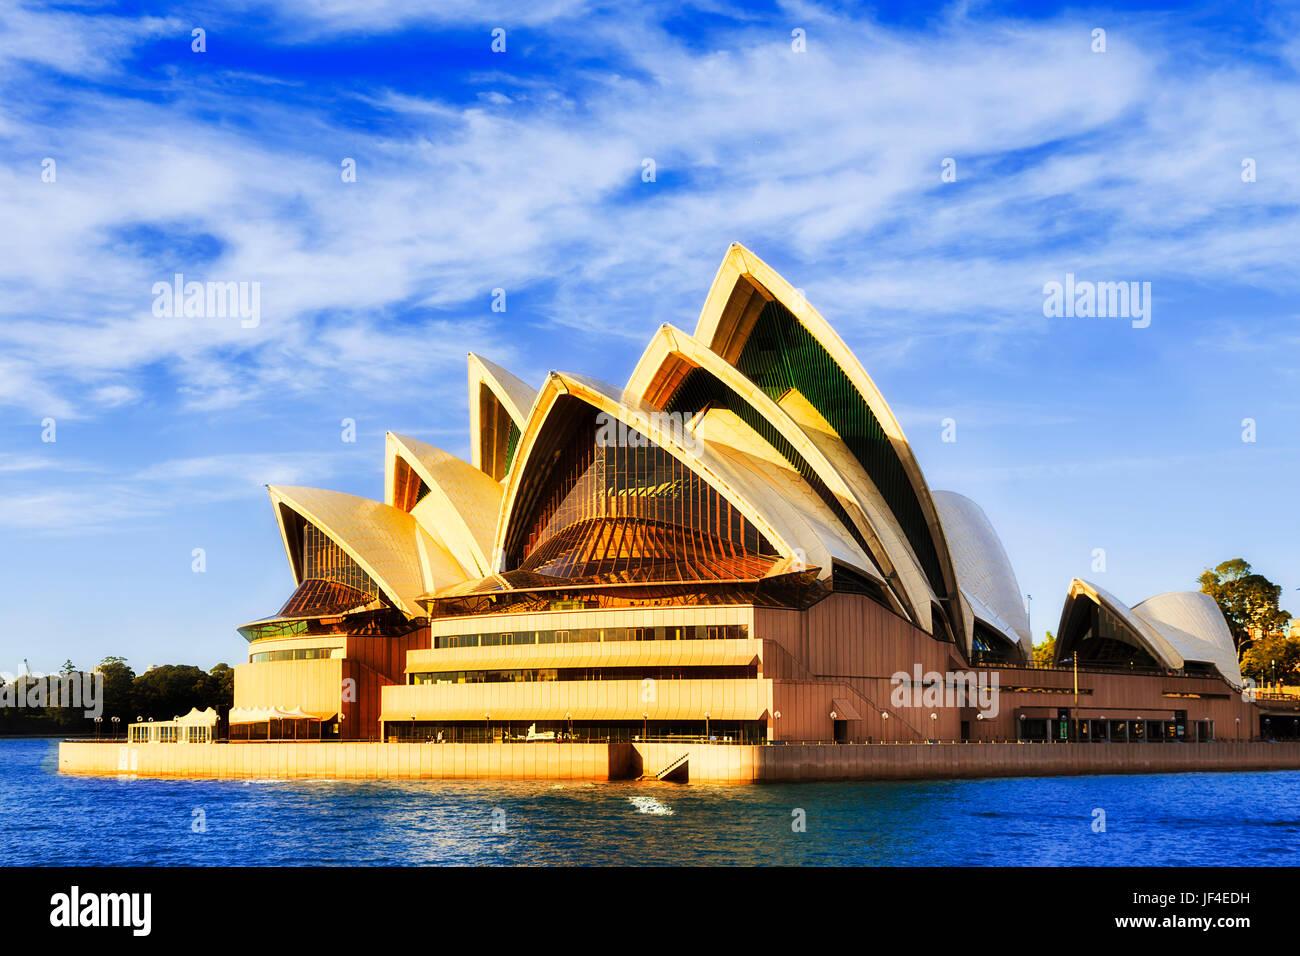 Sydney, Australie - 24 juin 2017: Façade de l'opéra contemporain moderne bâtiment de théâtre Photo Stock